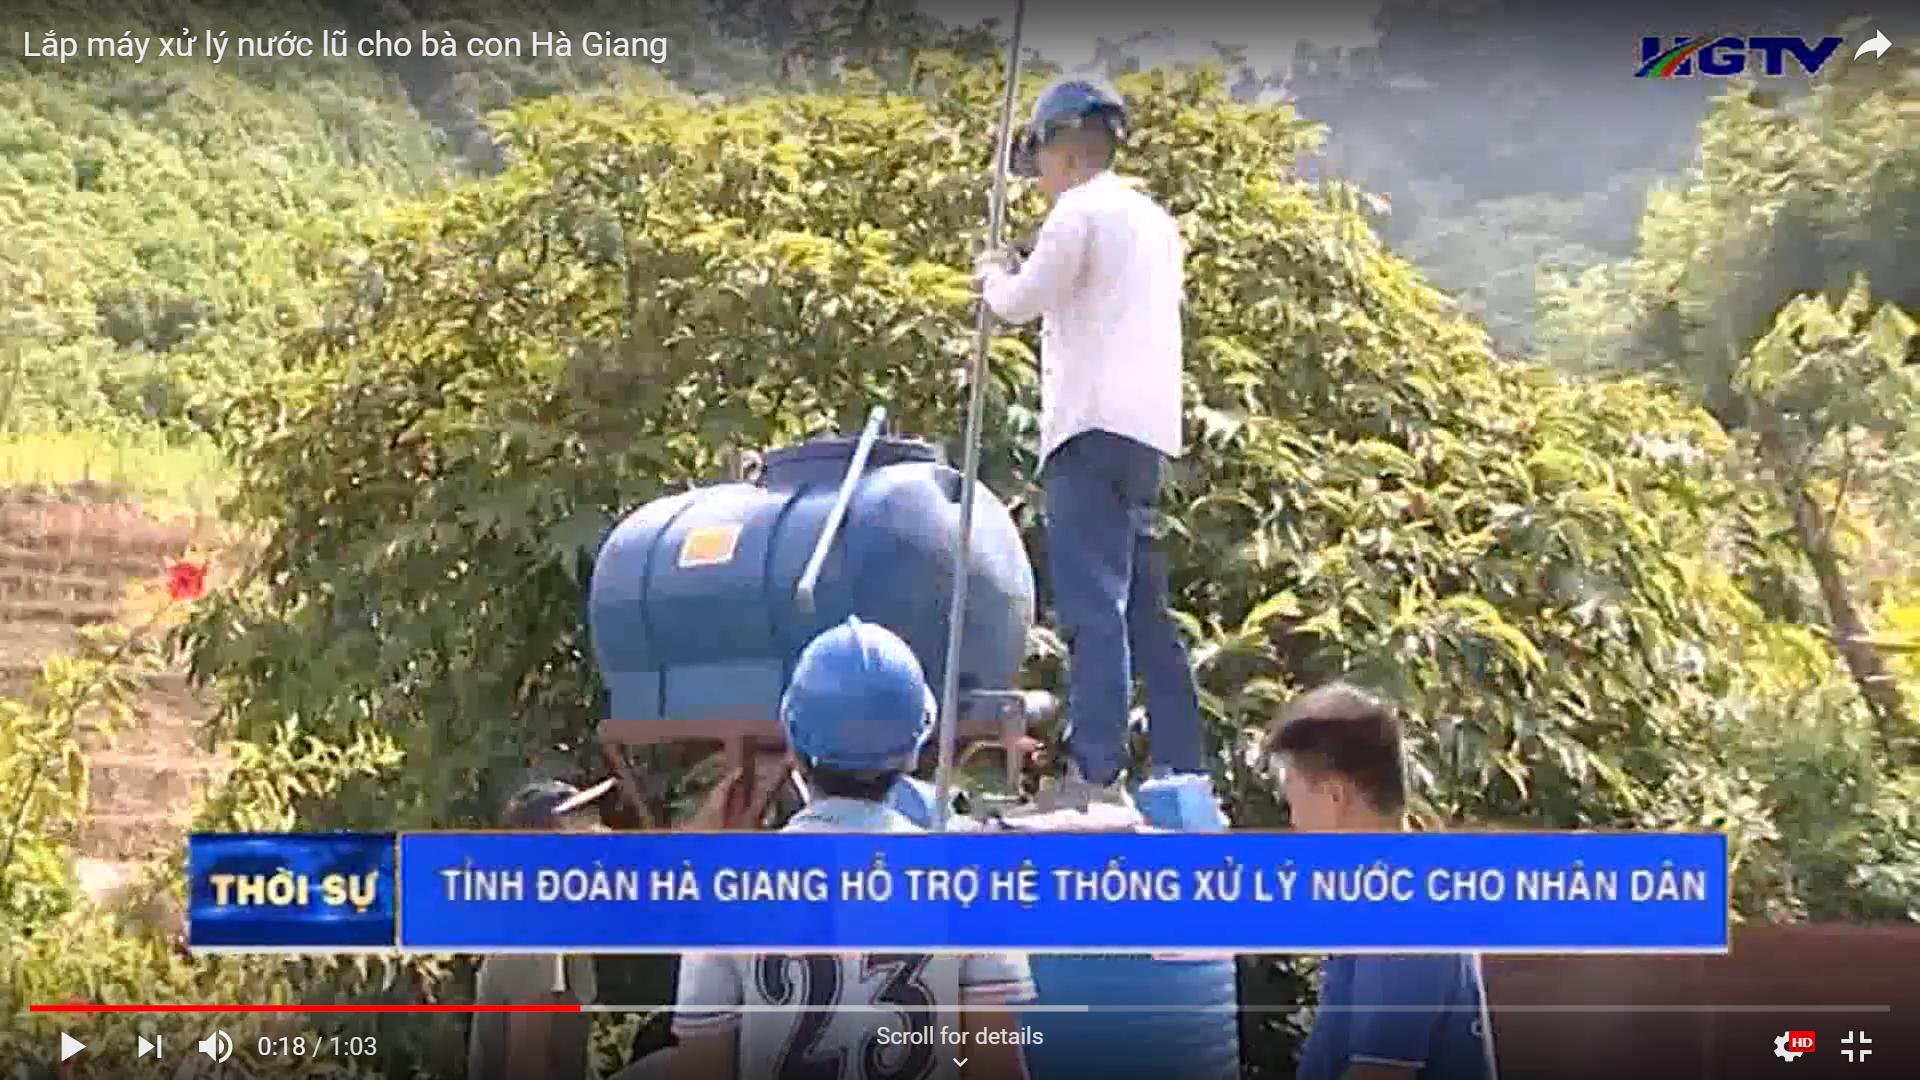 Lắp máy xử lý nước lũ cho bà con Hà Giang